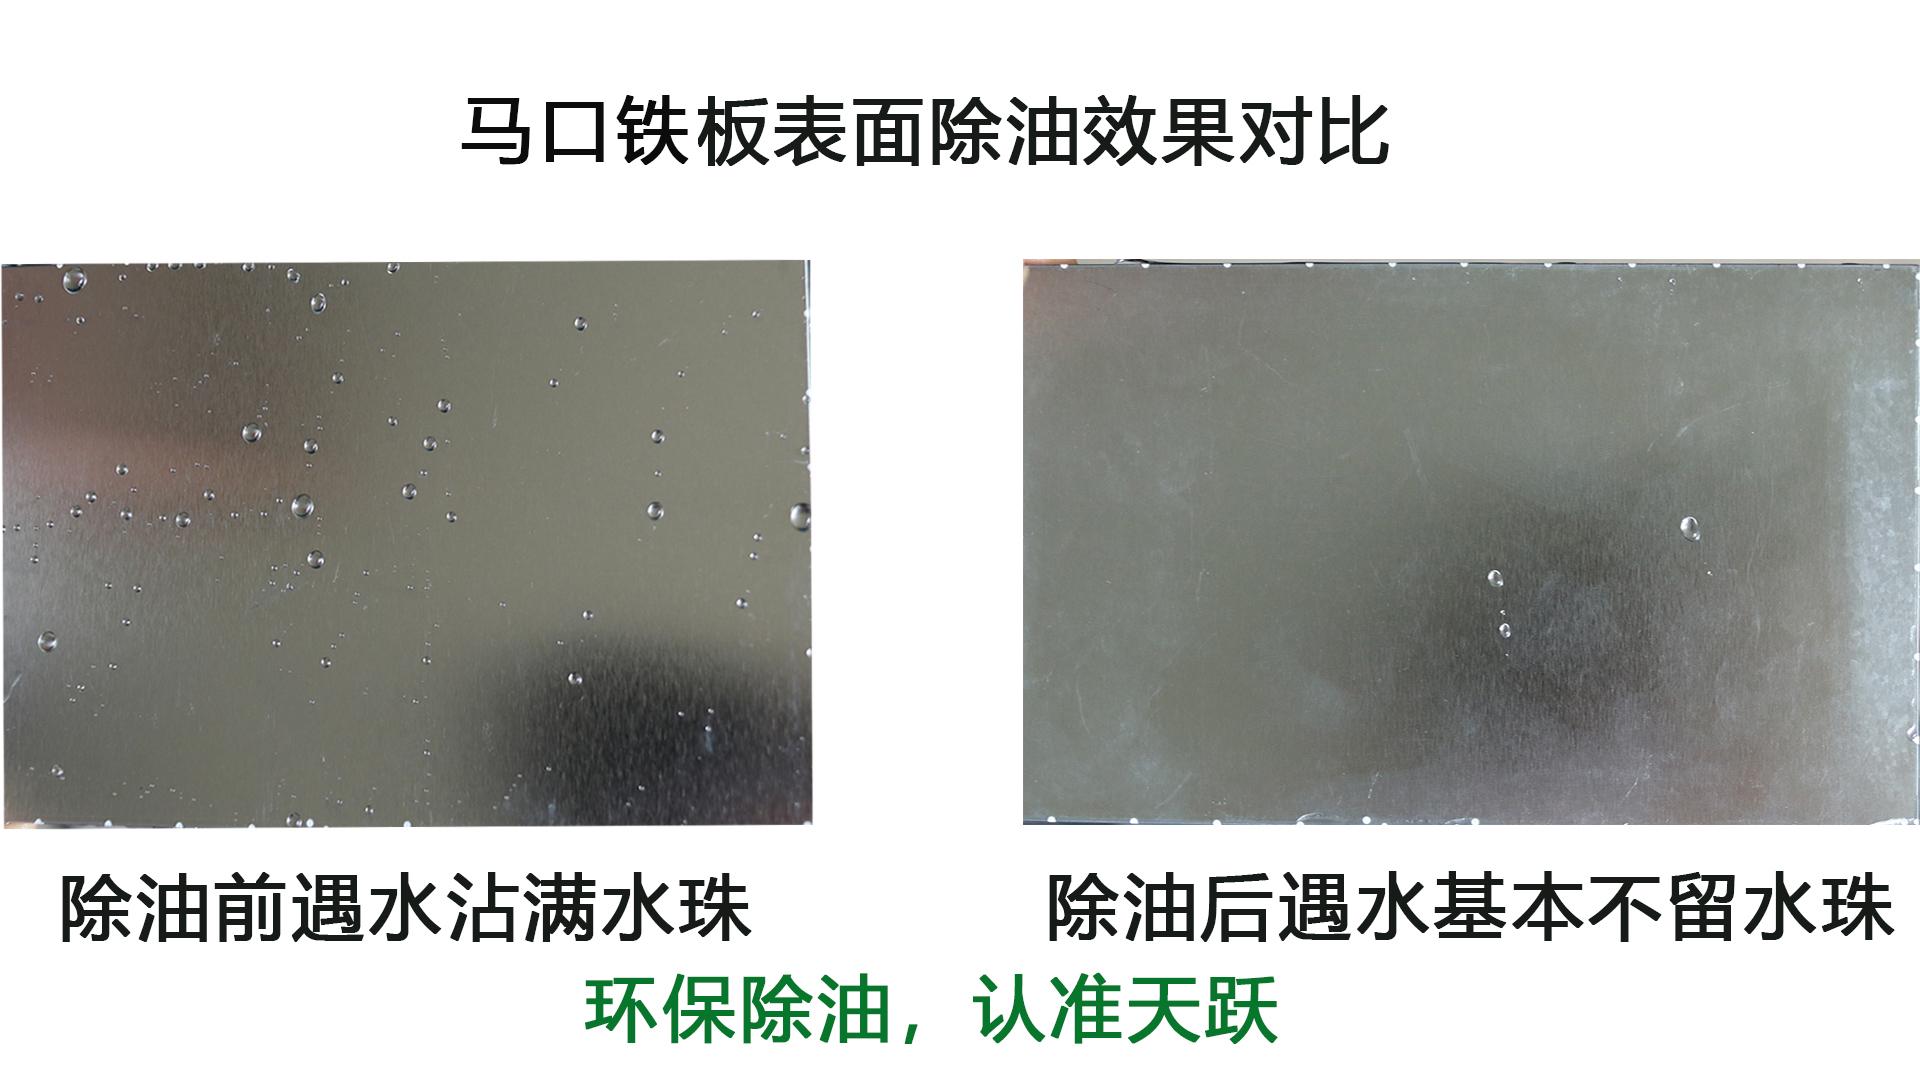 马口铁除油很简单用它分分钟清洗干净,高效马口铁环保除油剂